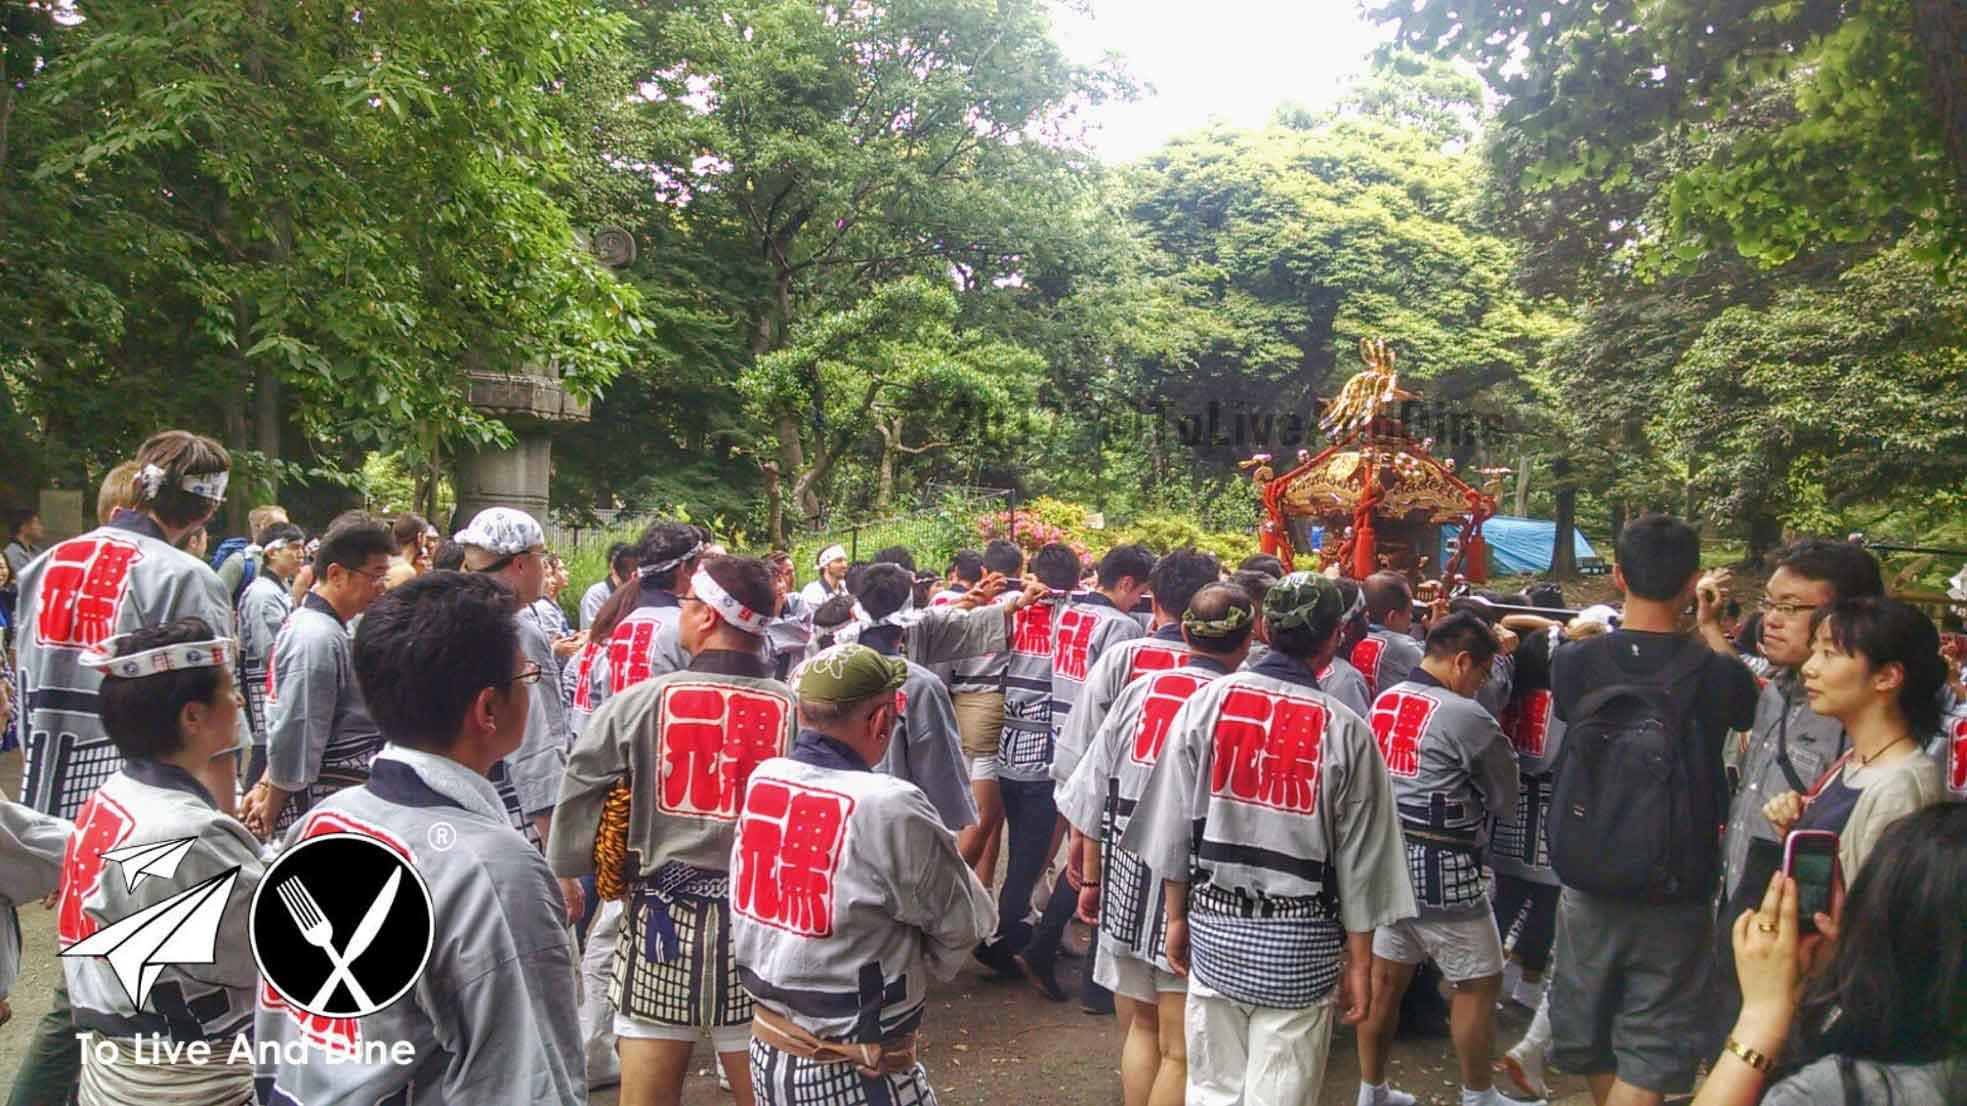 The grown men chanting at Ueno Park